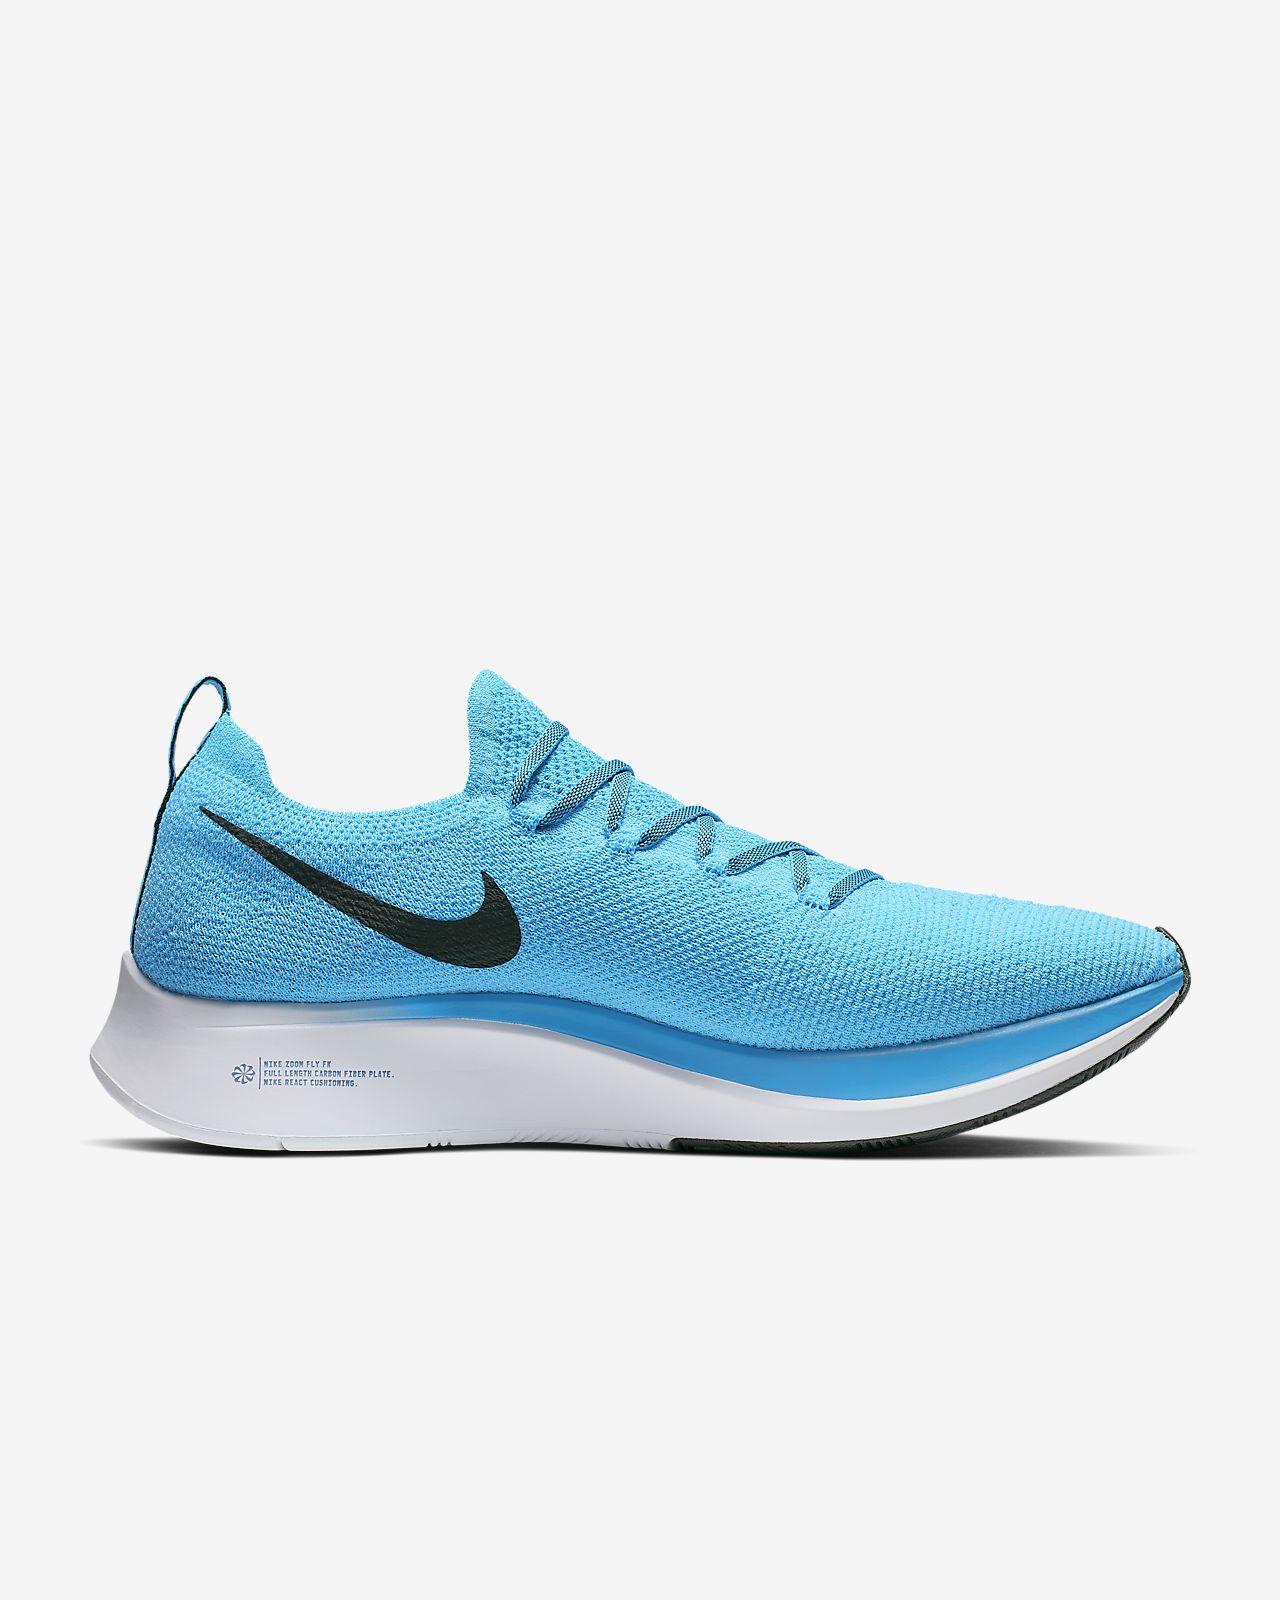 sports shoes b9a58 c8d44 Nike Zoom Fly Flyknit Hardloopschoen voor heren. Nike.com NL